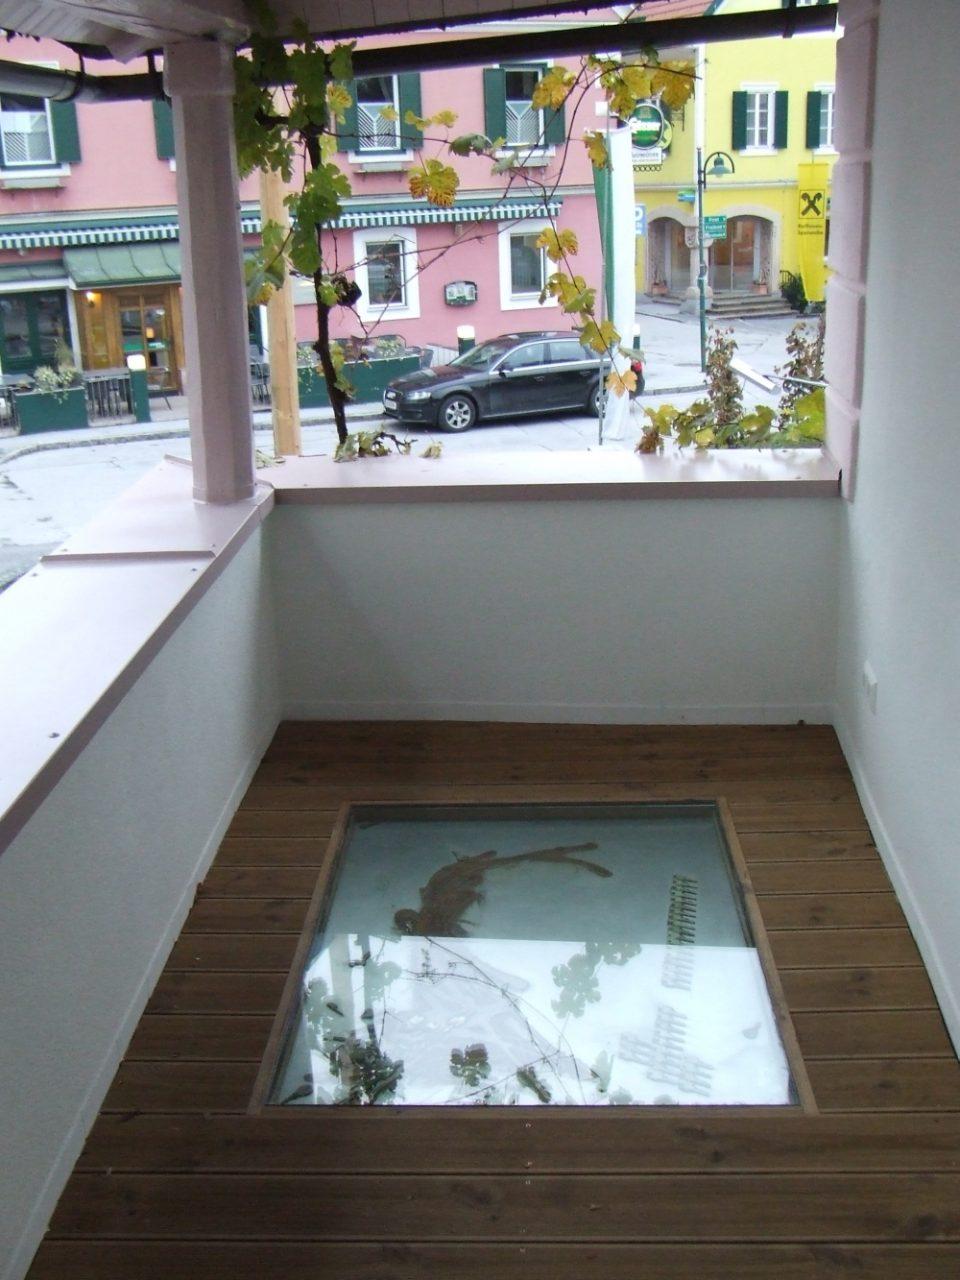 projekt veranda villa weiss, ligist/austria; begehbare schlüsselakkumulation auf metall, unter glas